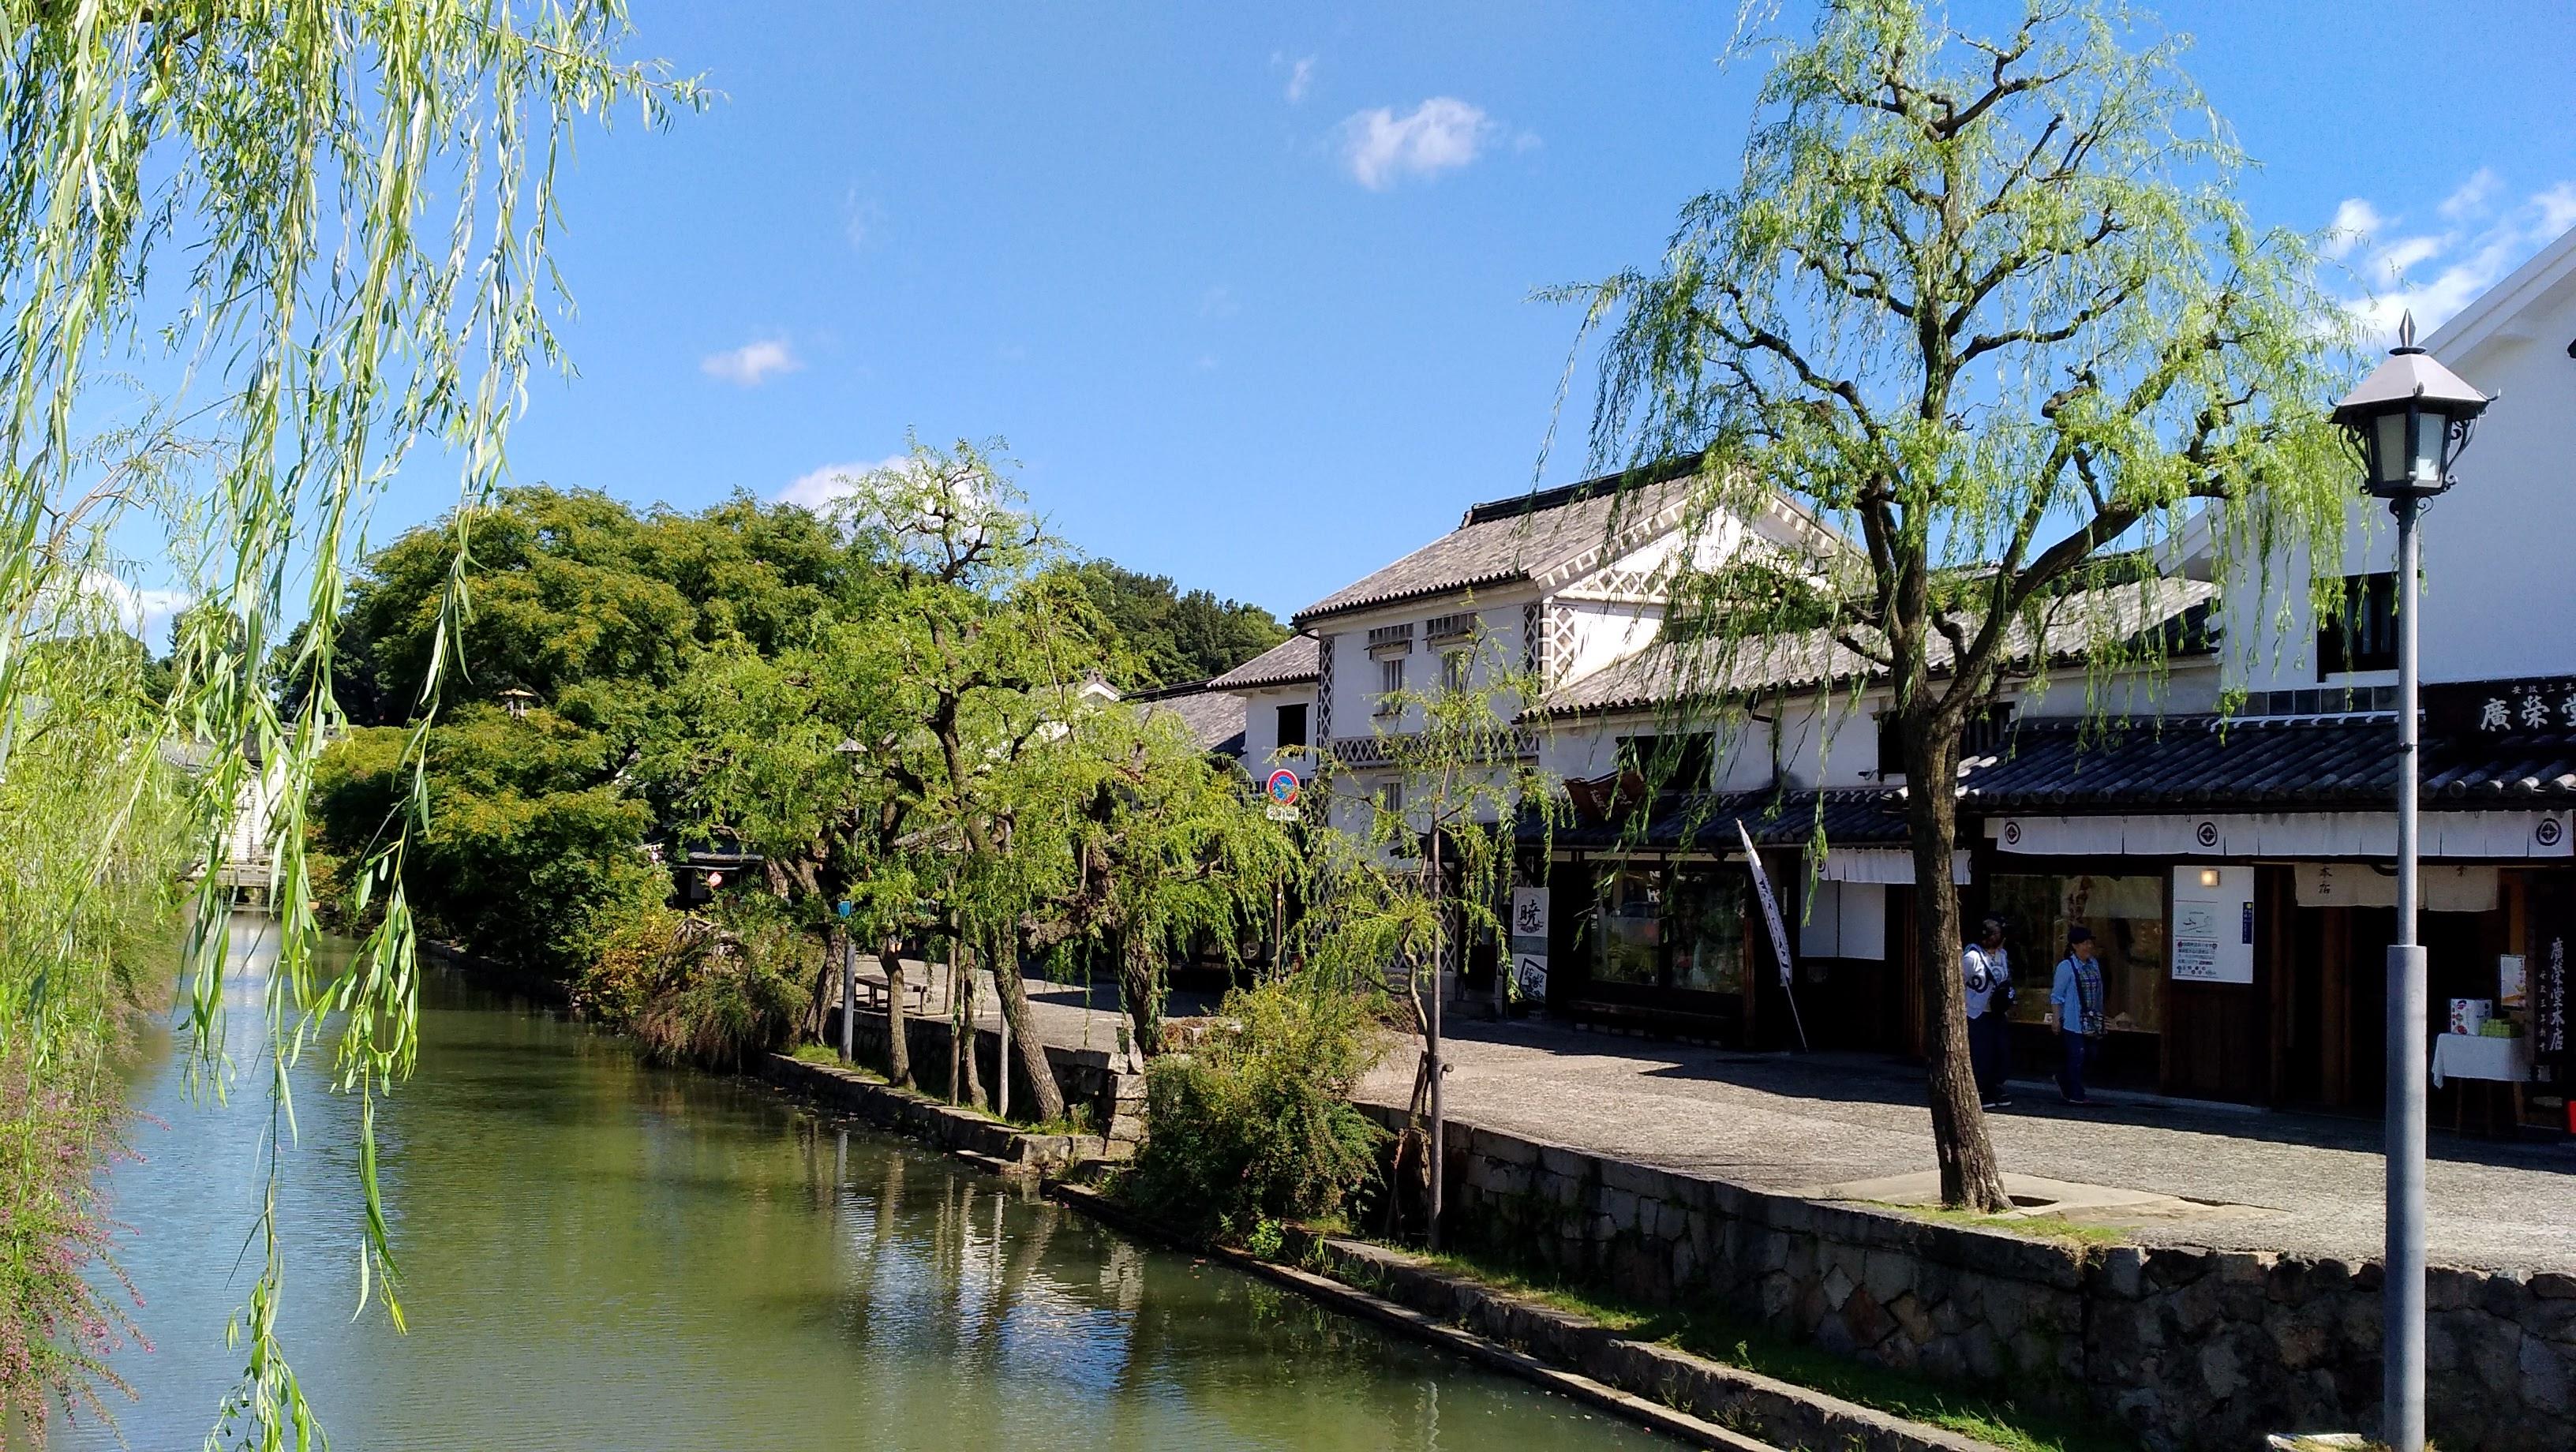 倉敷美観地区の倉敷川の景色